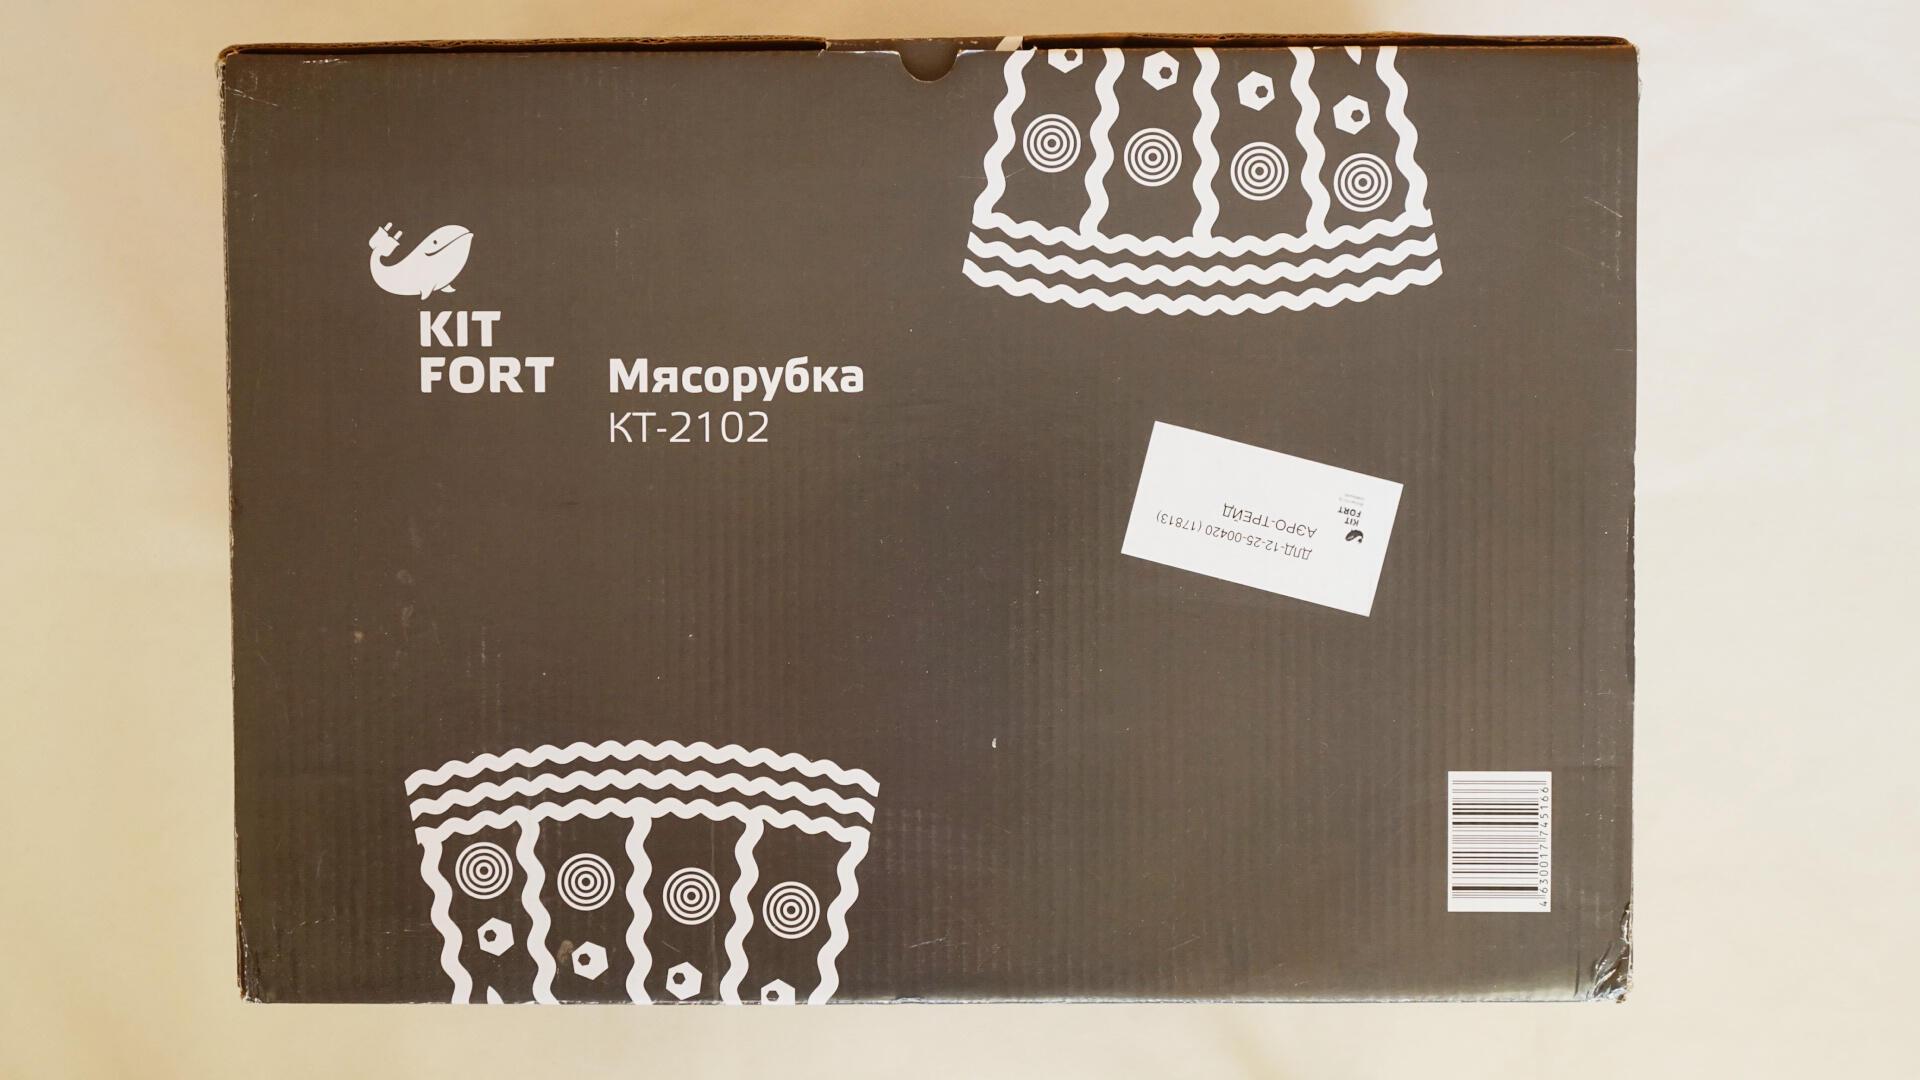 Bytovaya Tehnika - Obzor myasorubki Kitfort KT-2102